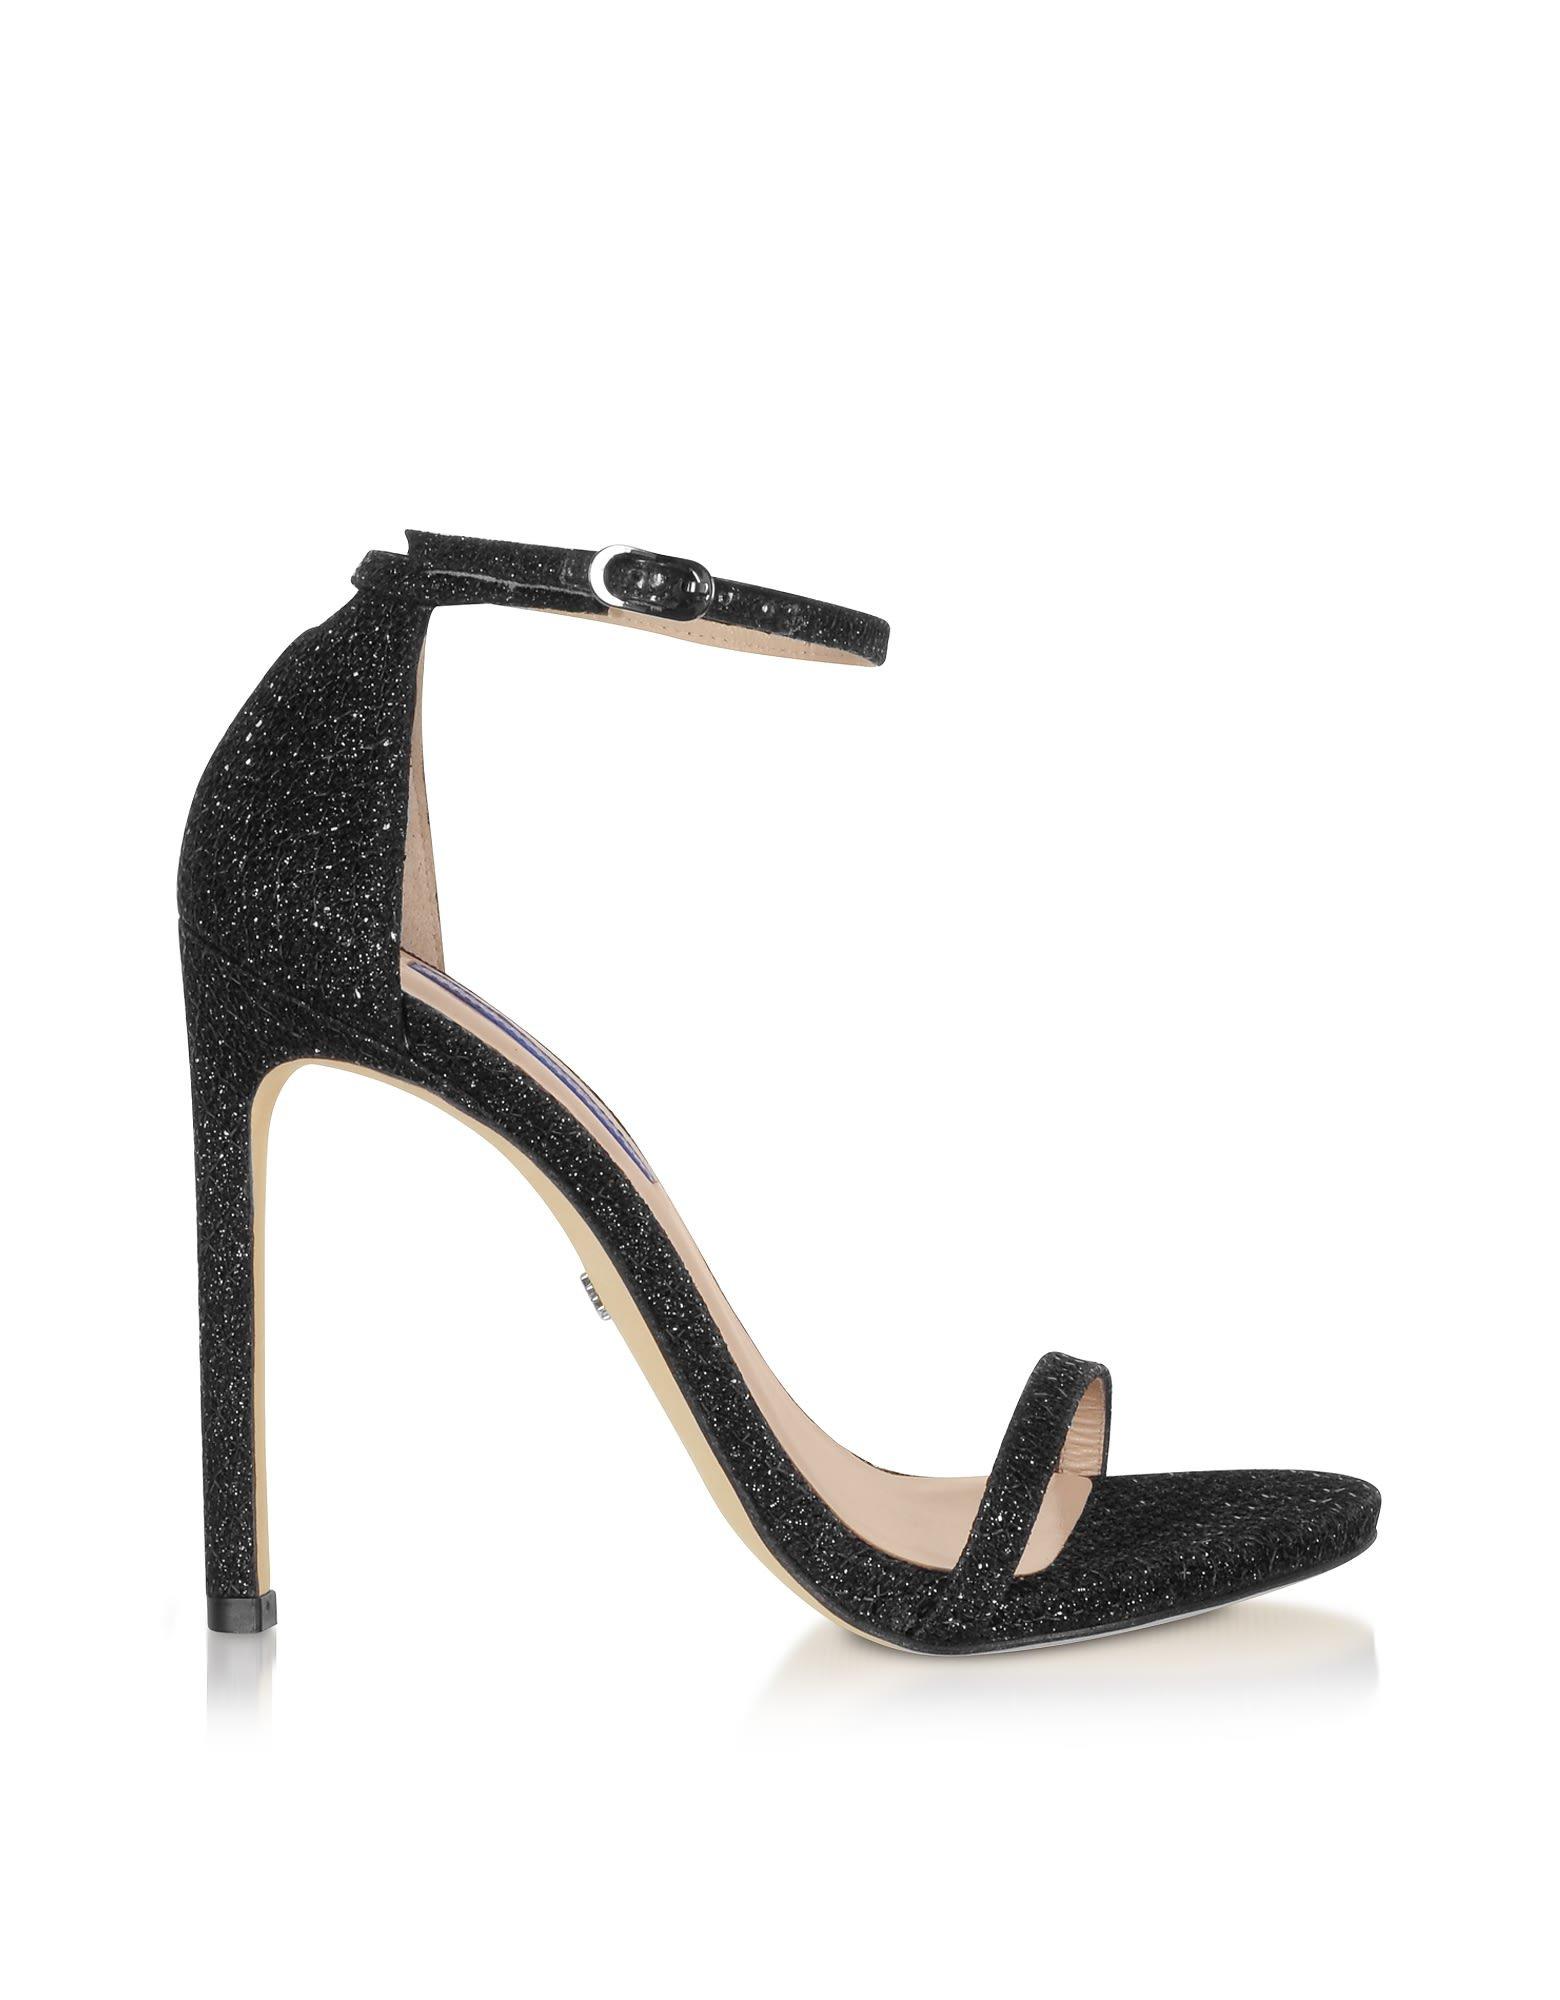 Stuart Weitzman Nudist Night Star High-heel Sandals